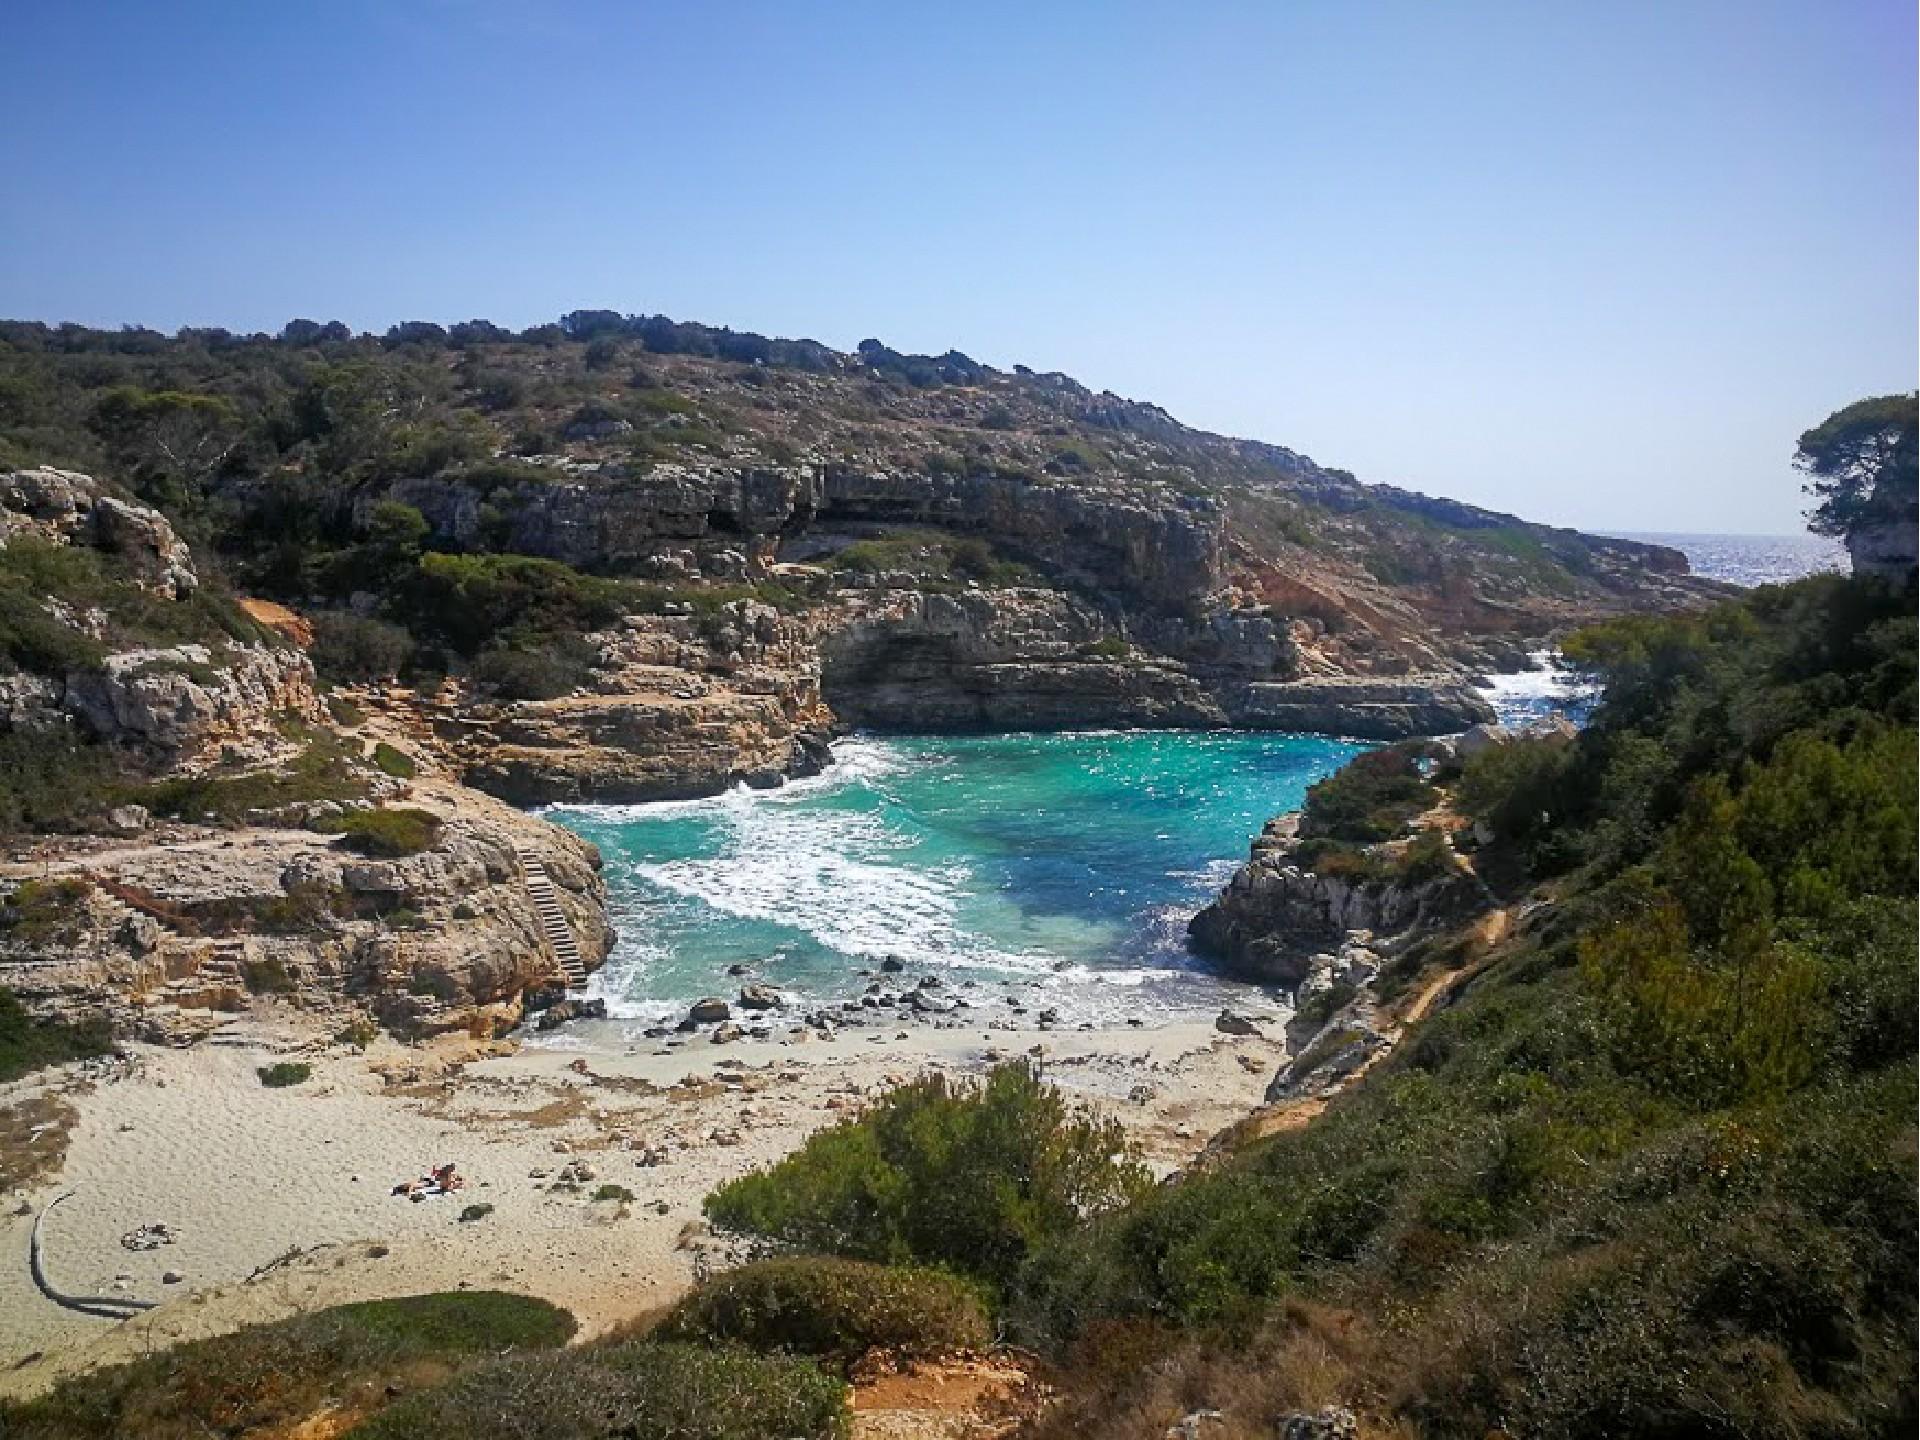 Skrytý záliv na Mallorce Cala Marmols